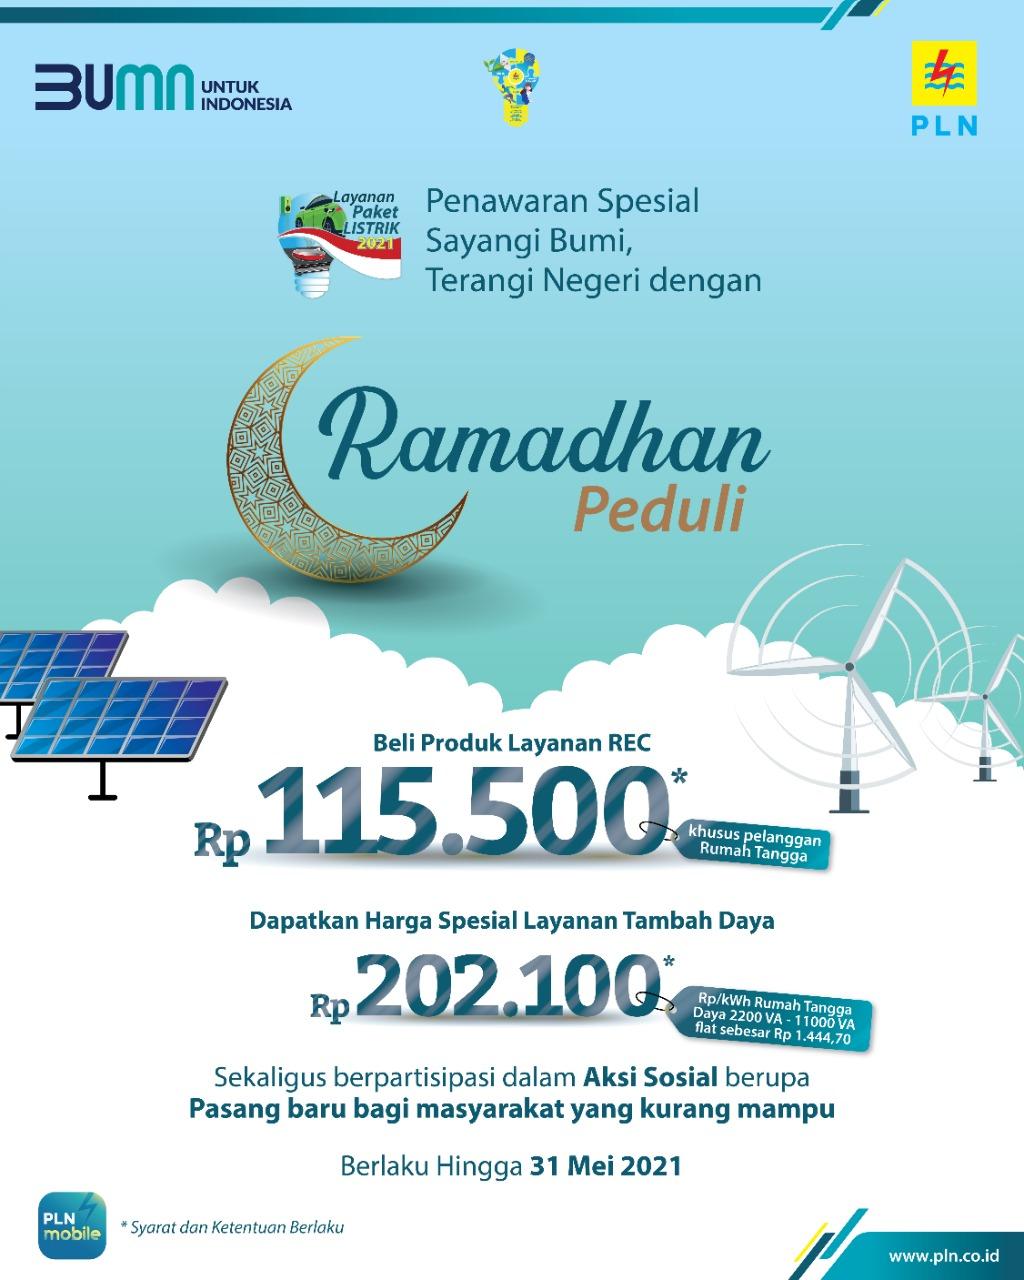 Hingga 31 Mei 2021, masyarakat Banten masih dapat menikmati promo tambah daya listrik dari PLN.